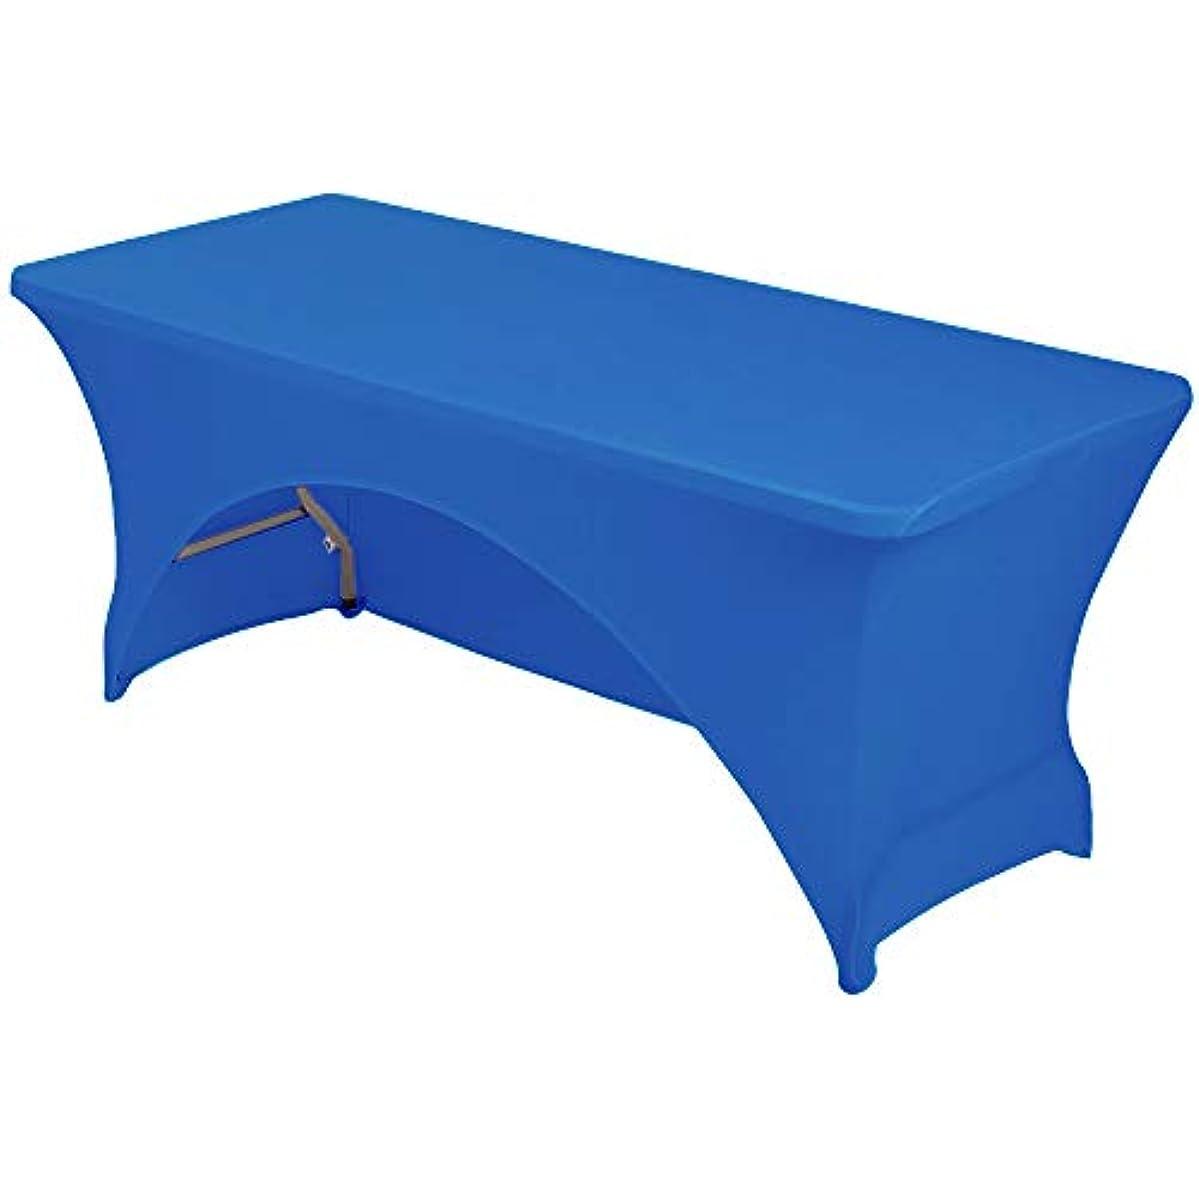 ステンレス証明性能YOYO HOME 長さ185×幅76×高さ76cm ポータブルベッドクロス 折りたたみベッド ポータブルベッド 整体ベッド マッサージ台 施術ベッド 施術台 エステベッド マッサージ 整体 ベッドを使う